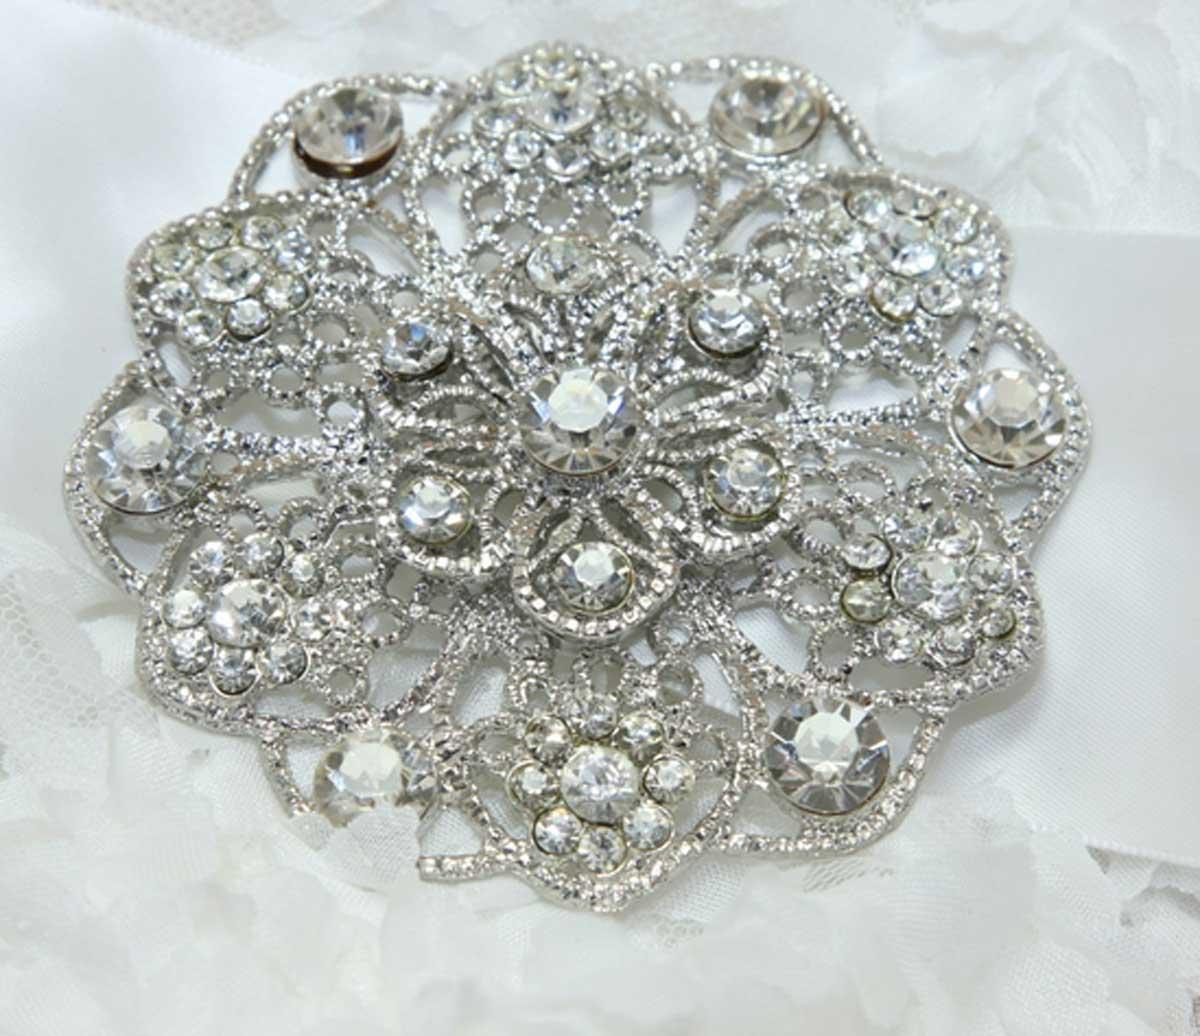 Crystal Wedding Gift: Round Flower Bouquet Crystal Rhinestone Wedding Bridal